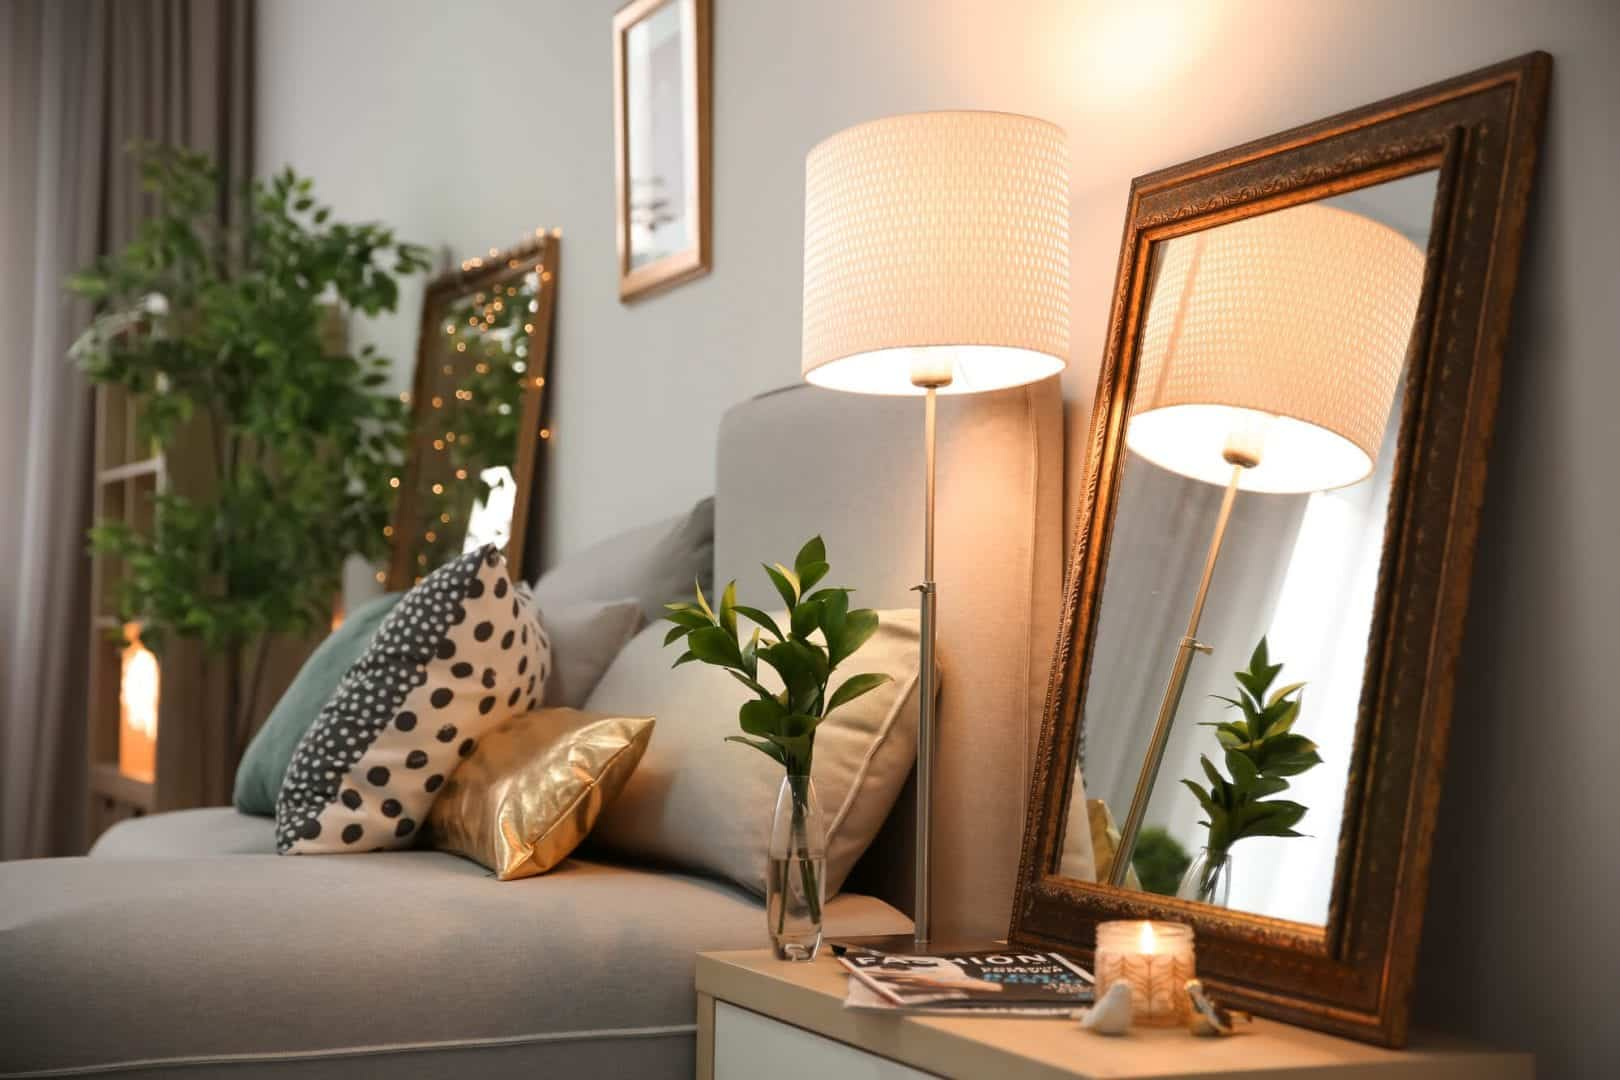 Espelhos - 10 formas de usa-la na decoração e ampliar ambientes